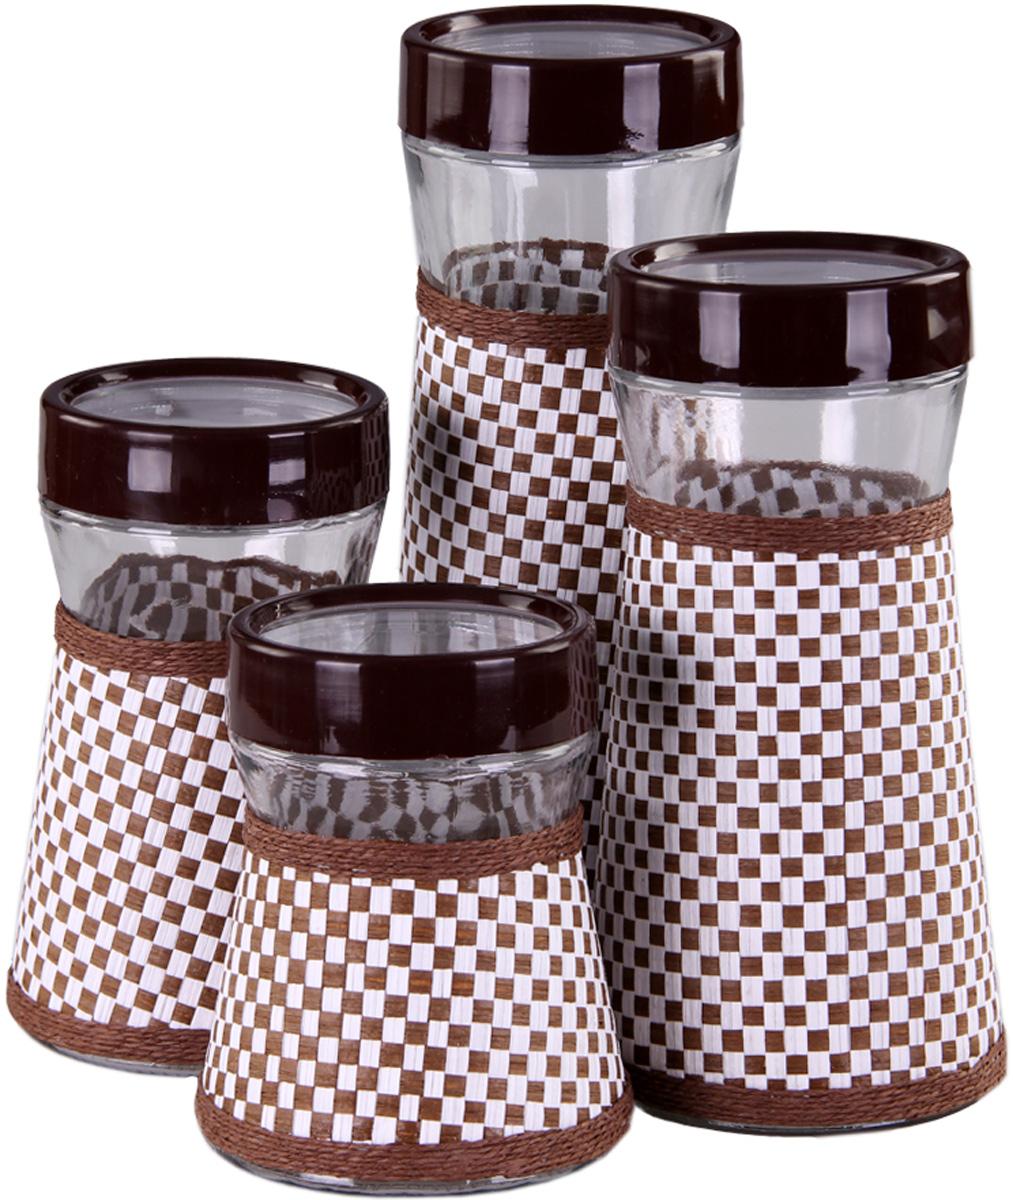 Набор банок Patricia, 4 предмета. IM99-3917IM99-3917Набор банок для сыпучих продуктом выполнен из стекла и плети. В них можно хранить как соль или сахар, так и различные крупы.